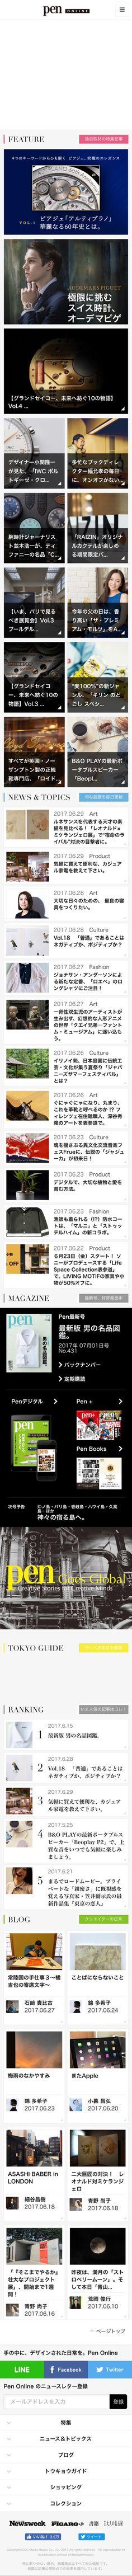 男性雑誌 Pen http://www.pen-online.jp/  国際団体のプロフェッショナル感をだす